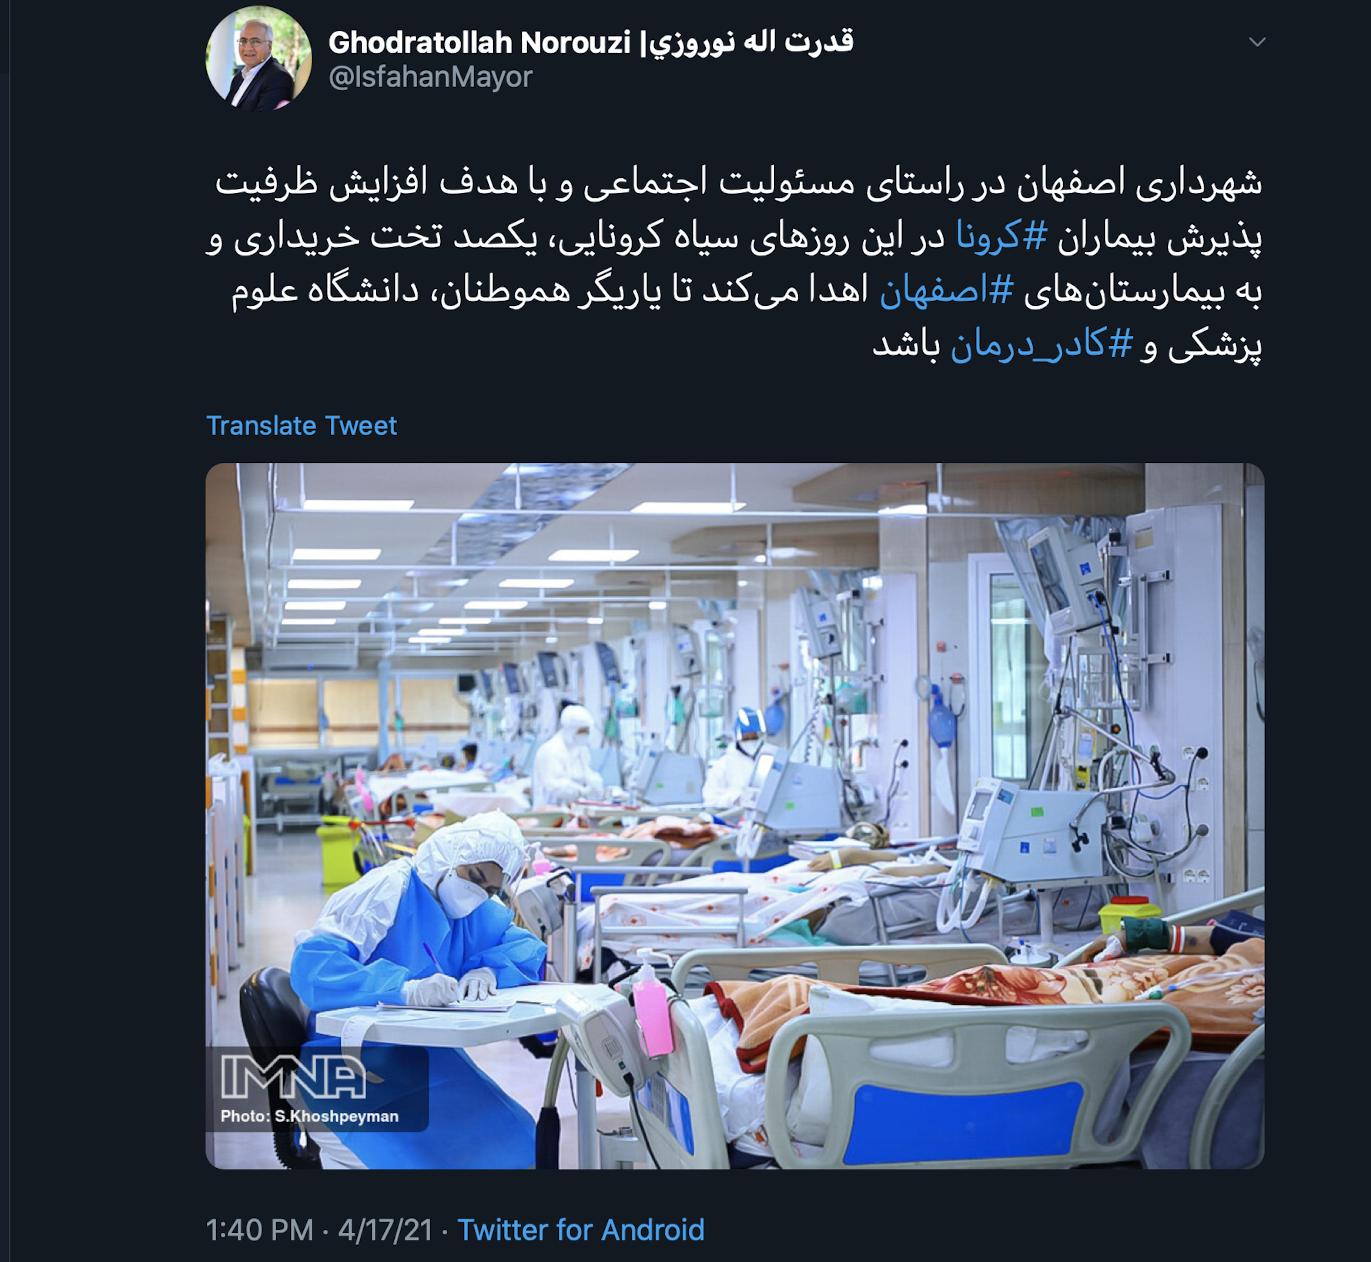 شهرداری یکصد تخت به بیمارستانهای اصفهان اهدا میکند